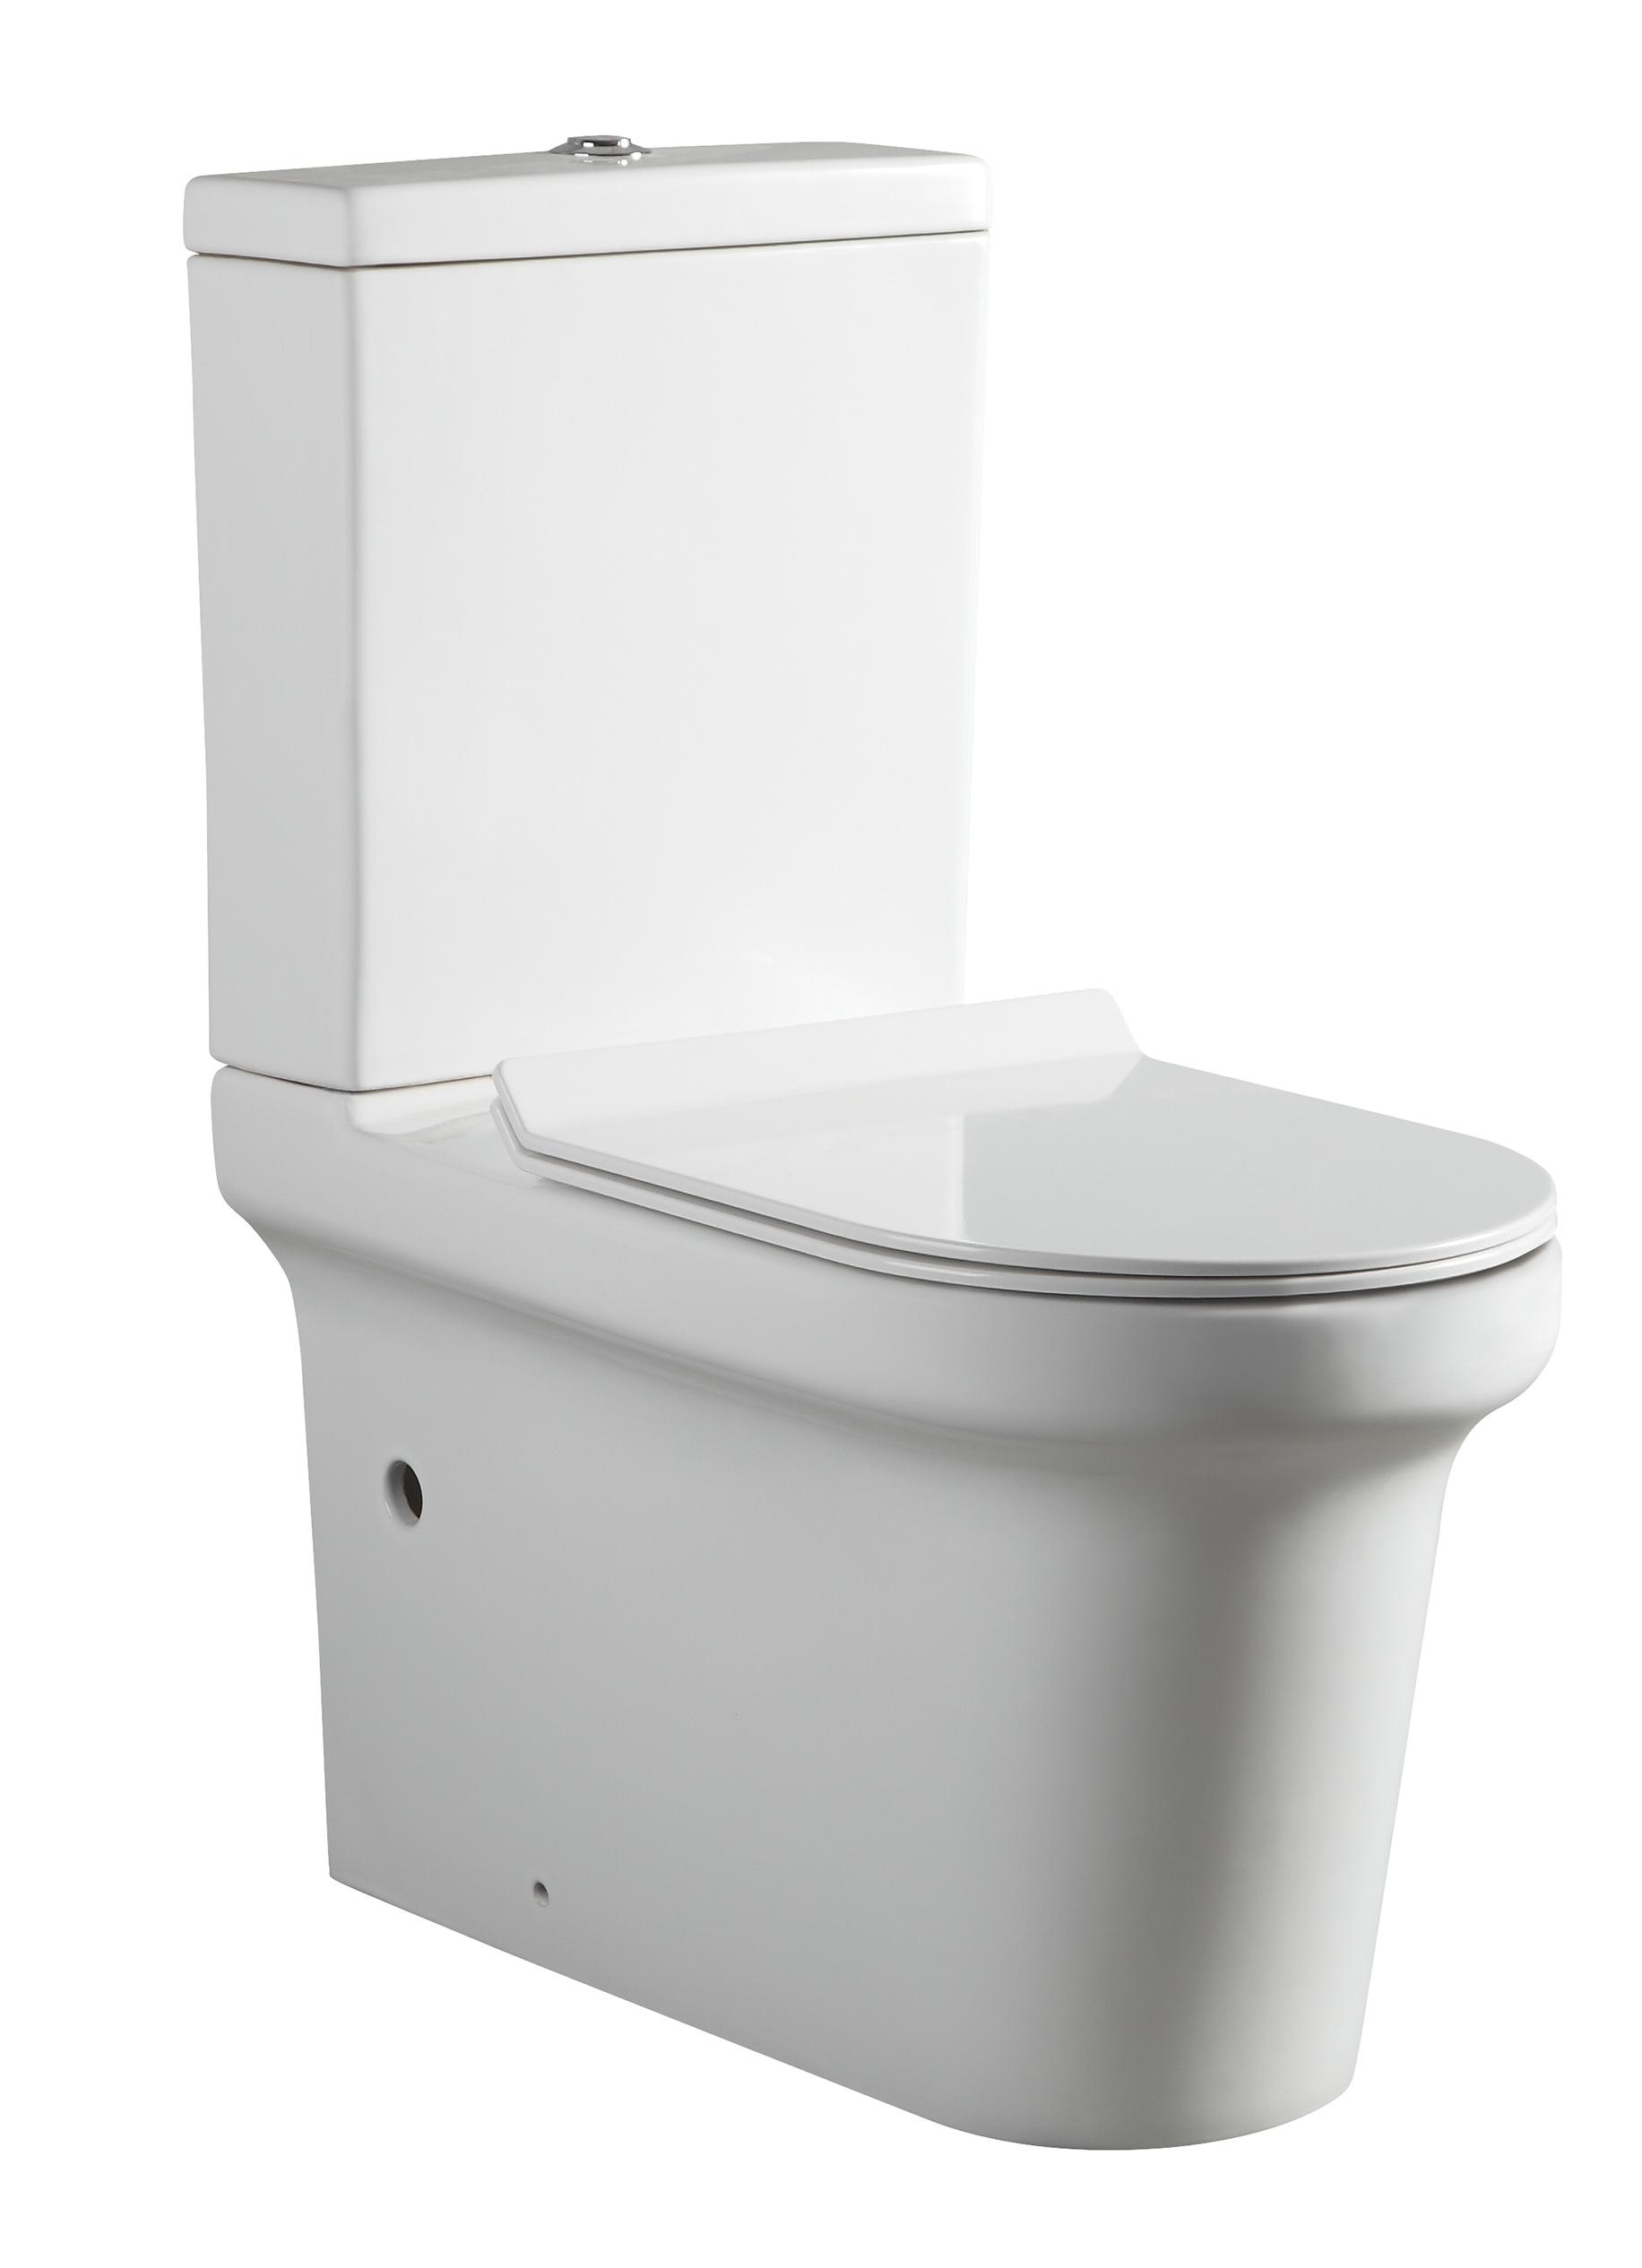 Купить Унитаз напольный Aquanet NOVA с бачком и сидением микролифт BL-101N-TPT-A (203338+203339), Россия